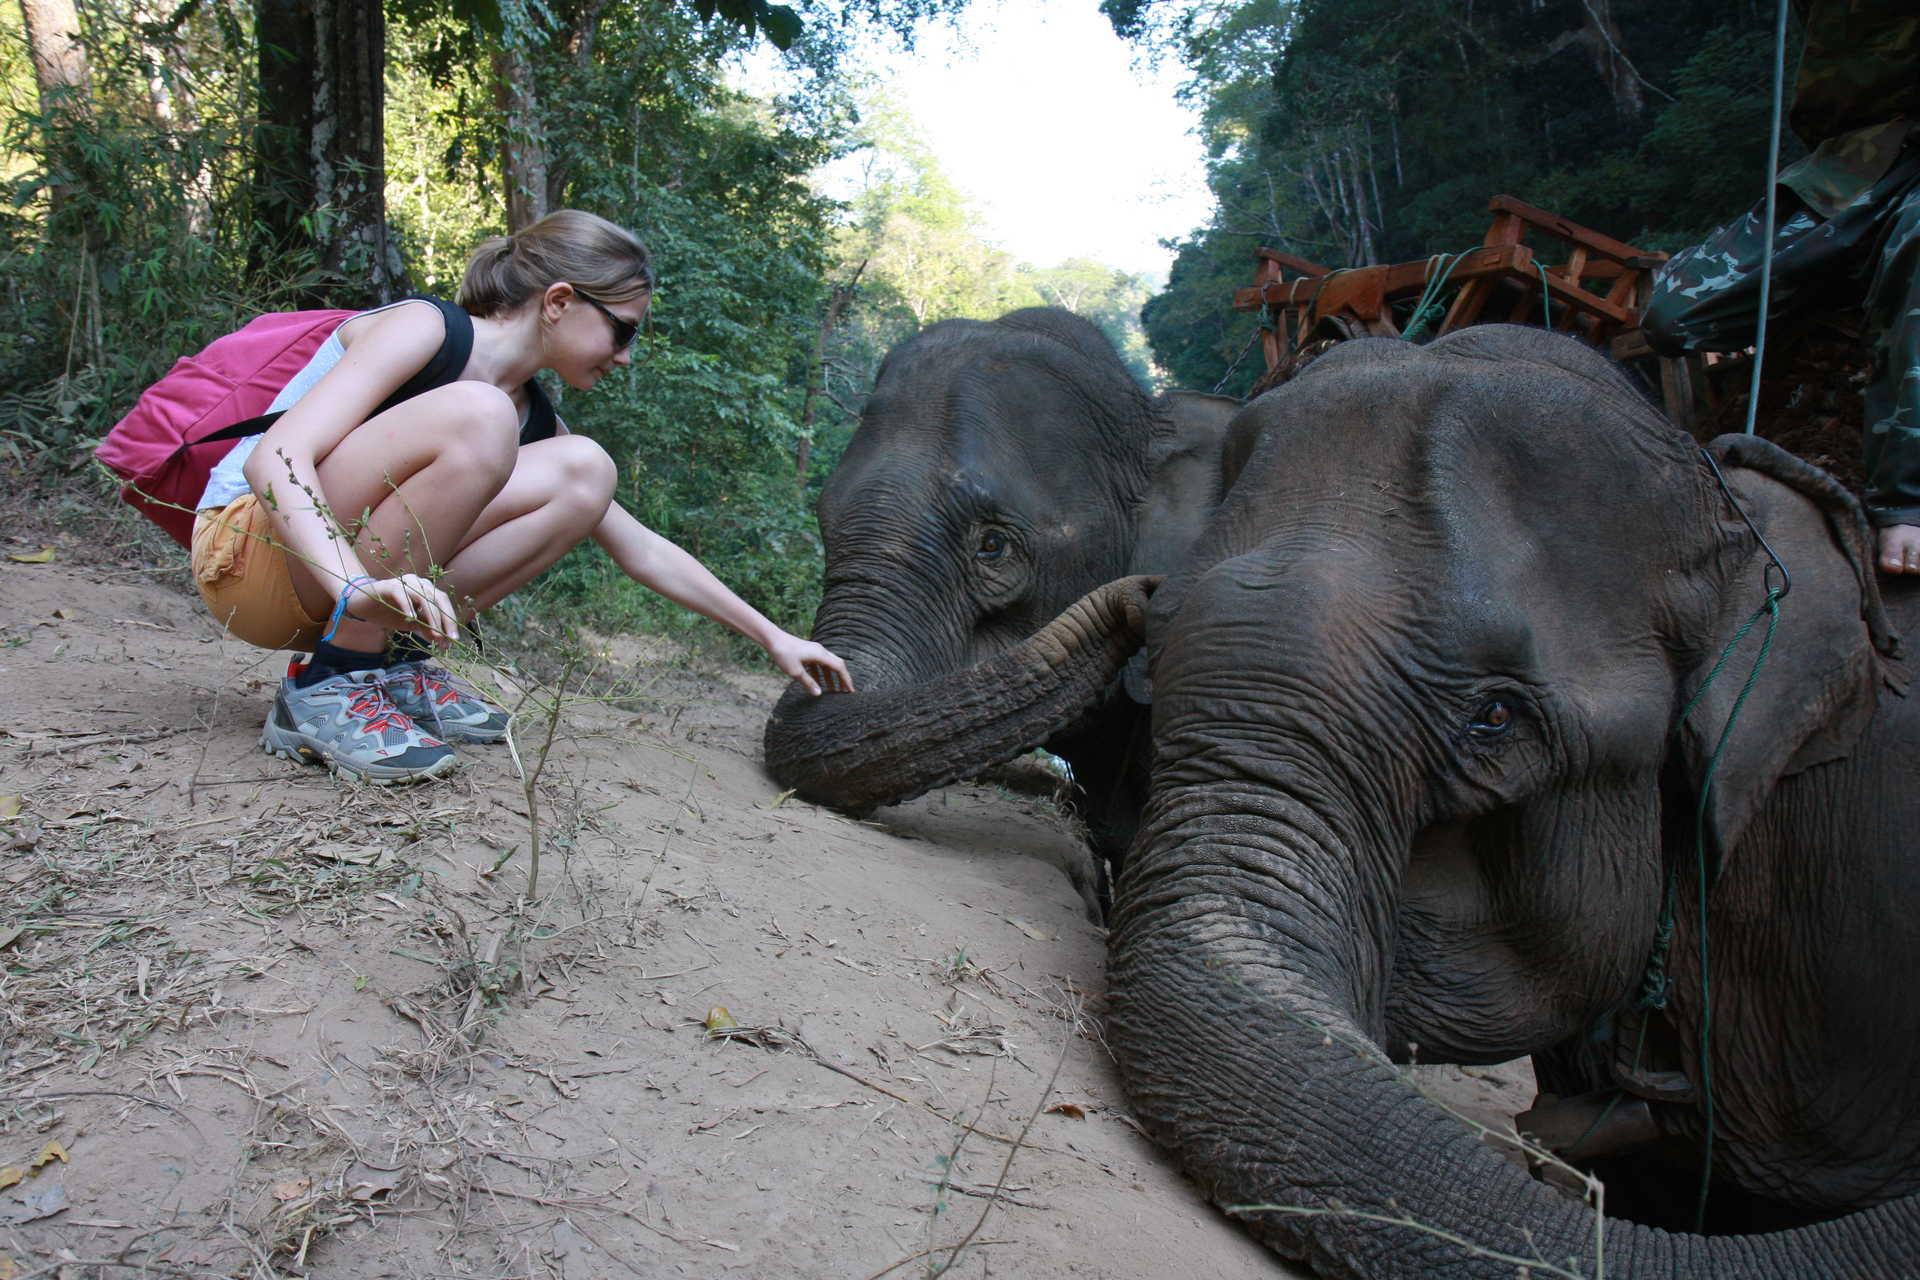 Femme caressant la trompe d'un éléphant